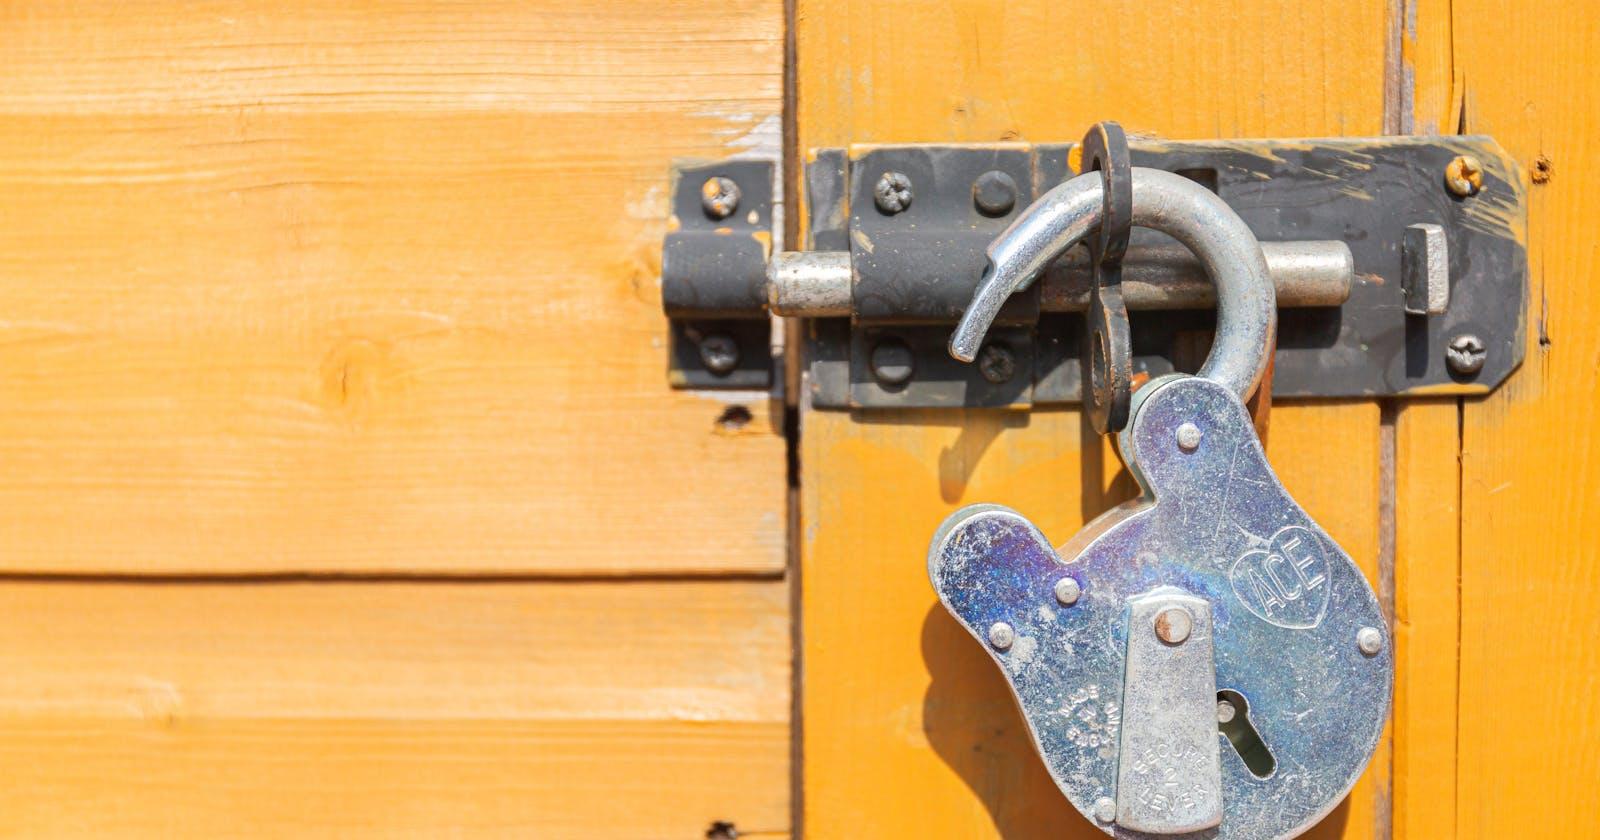 EXM and encryption keys